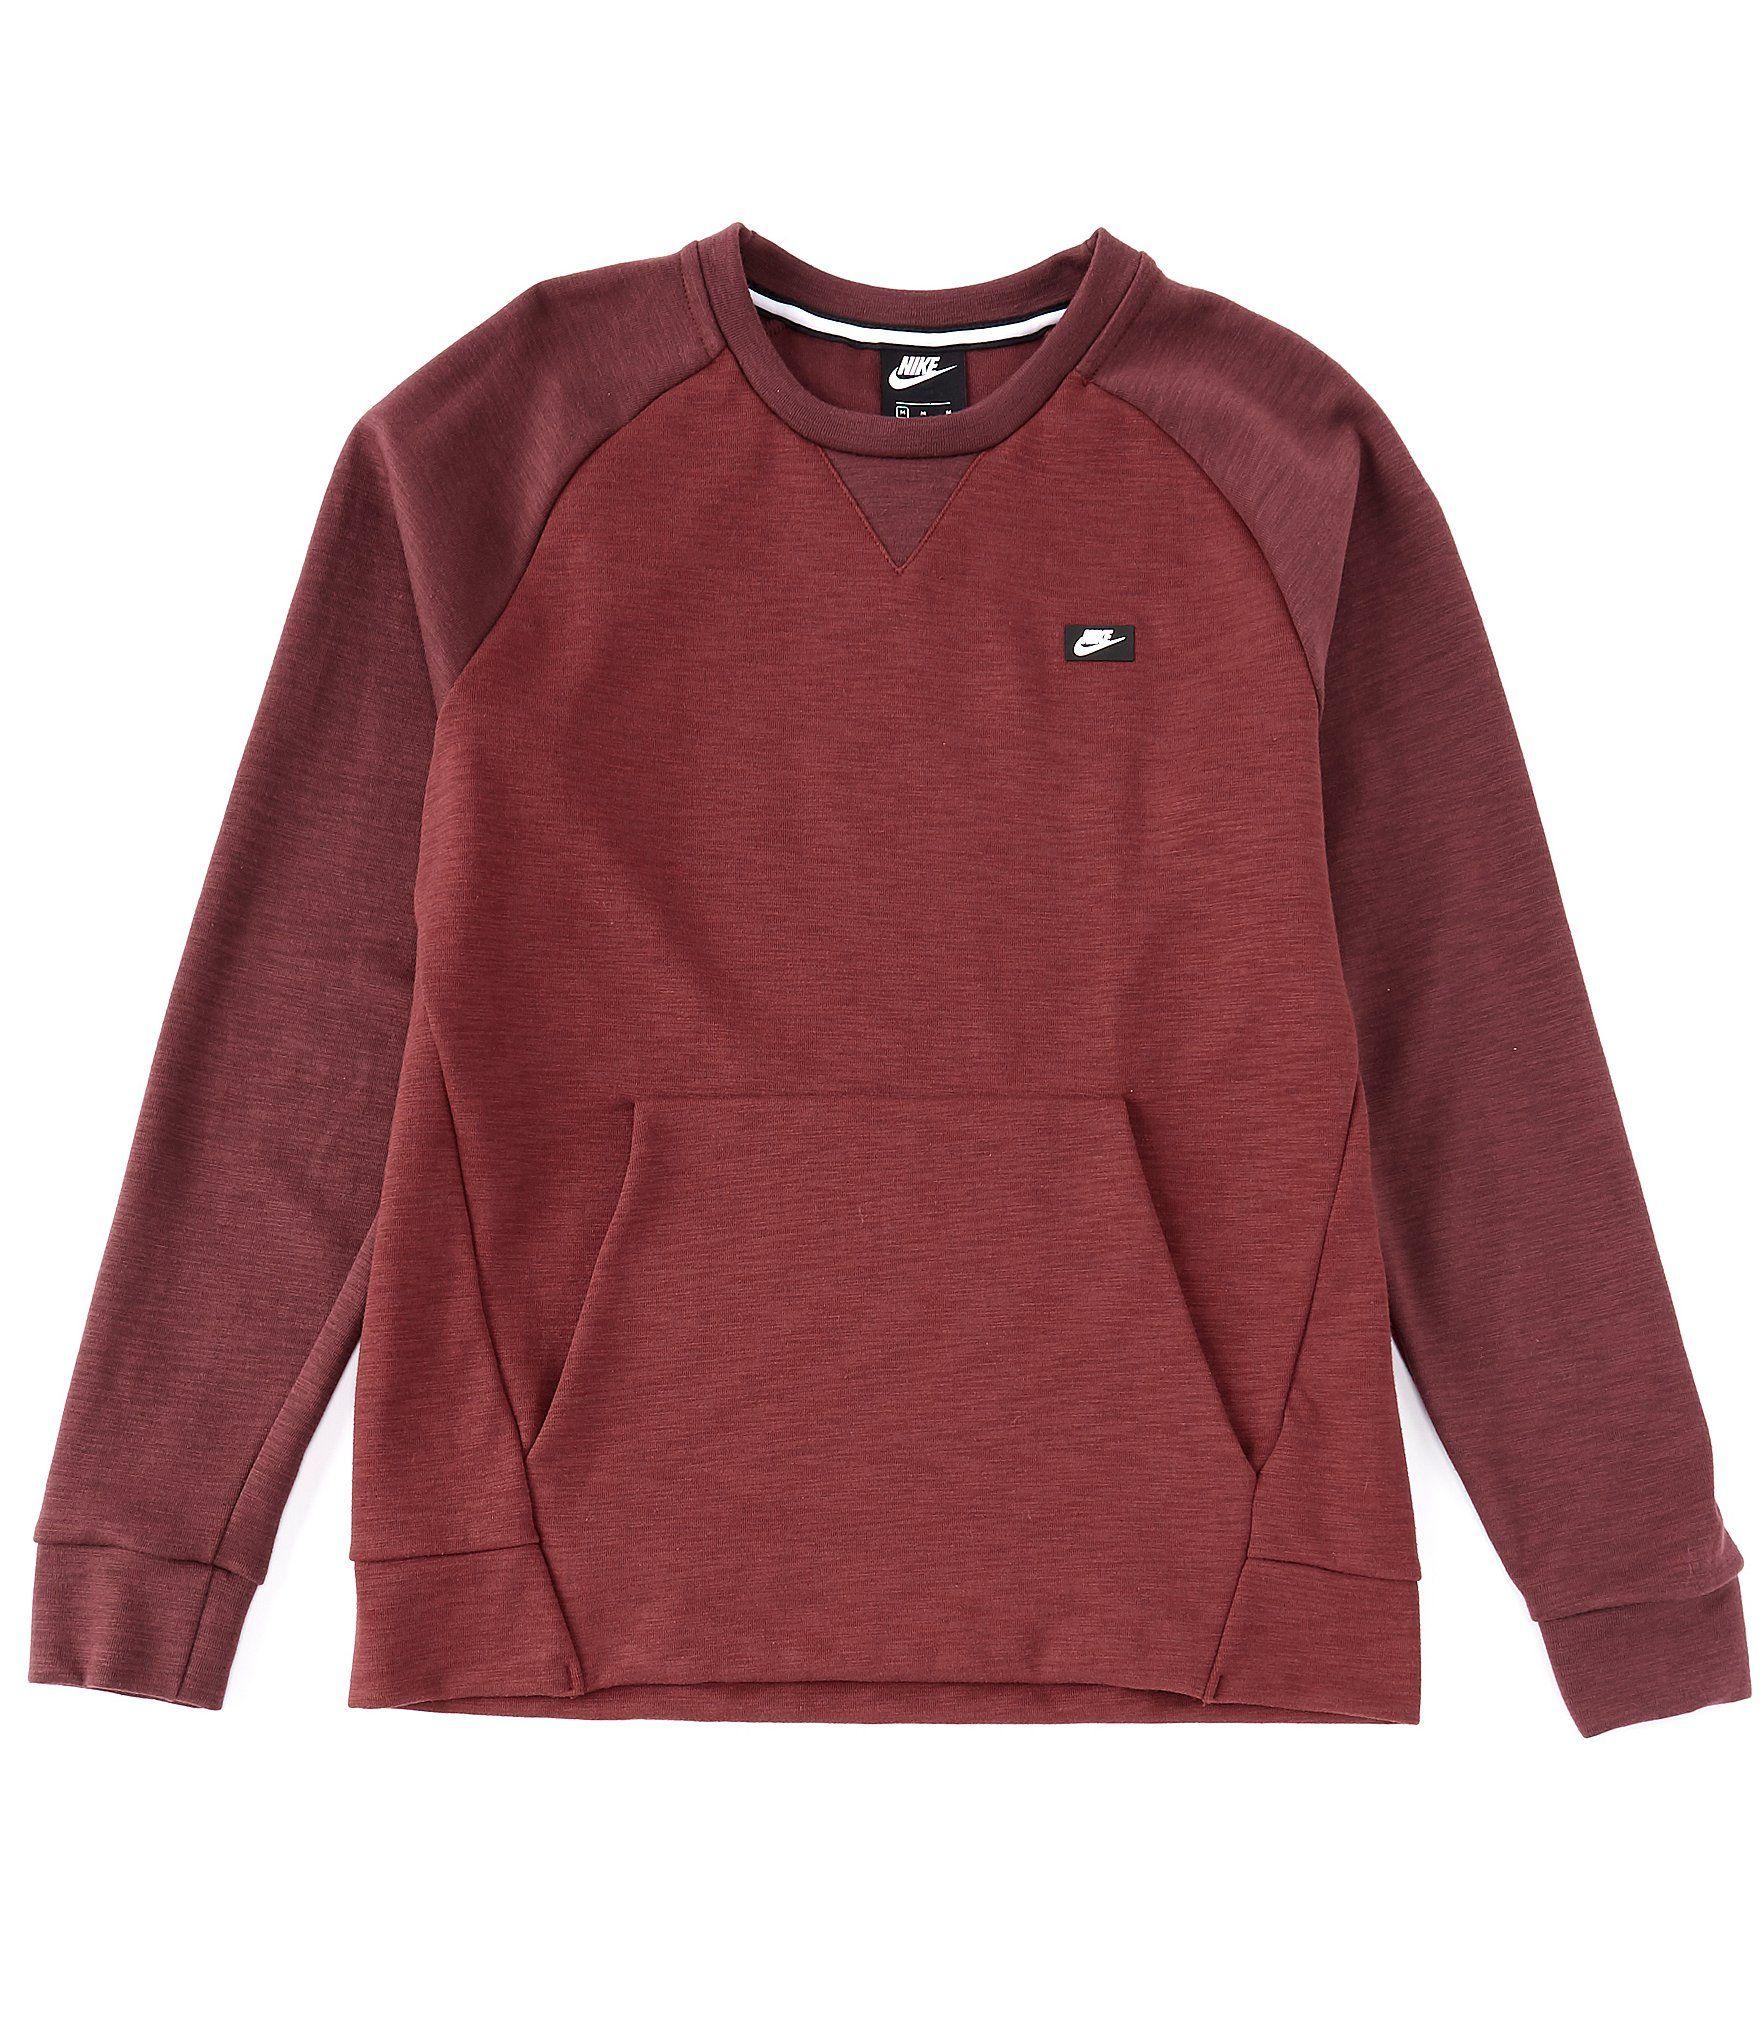 nike fleece long-sleeve optic crew sweatshirt